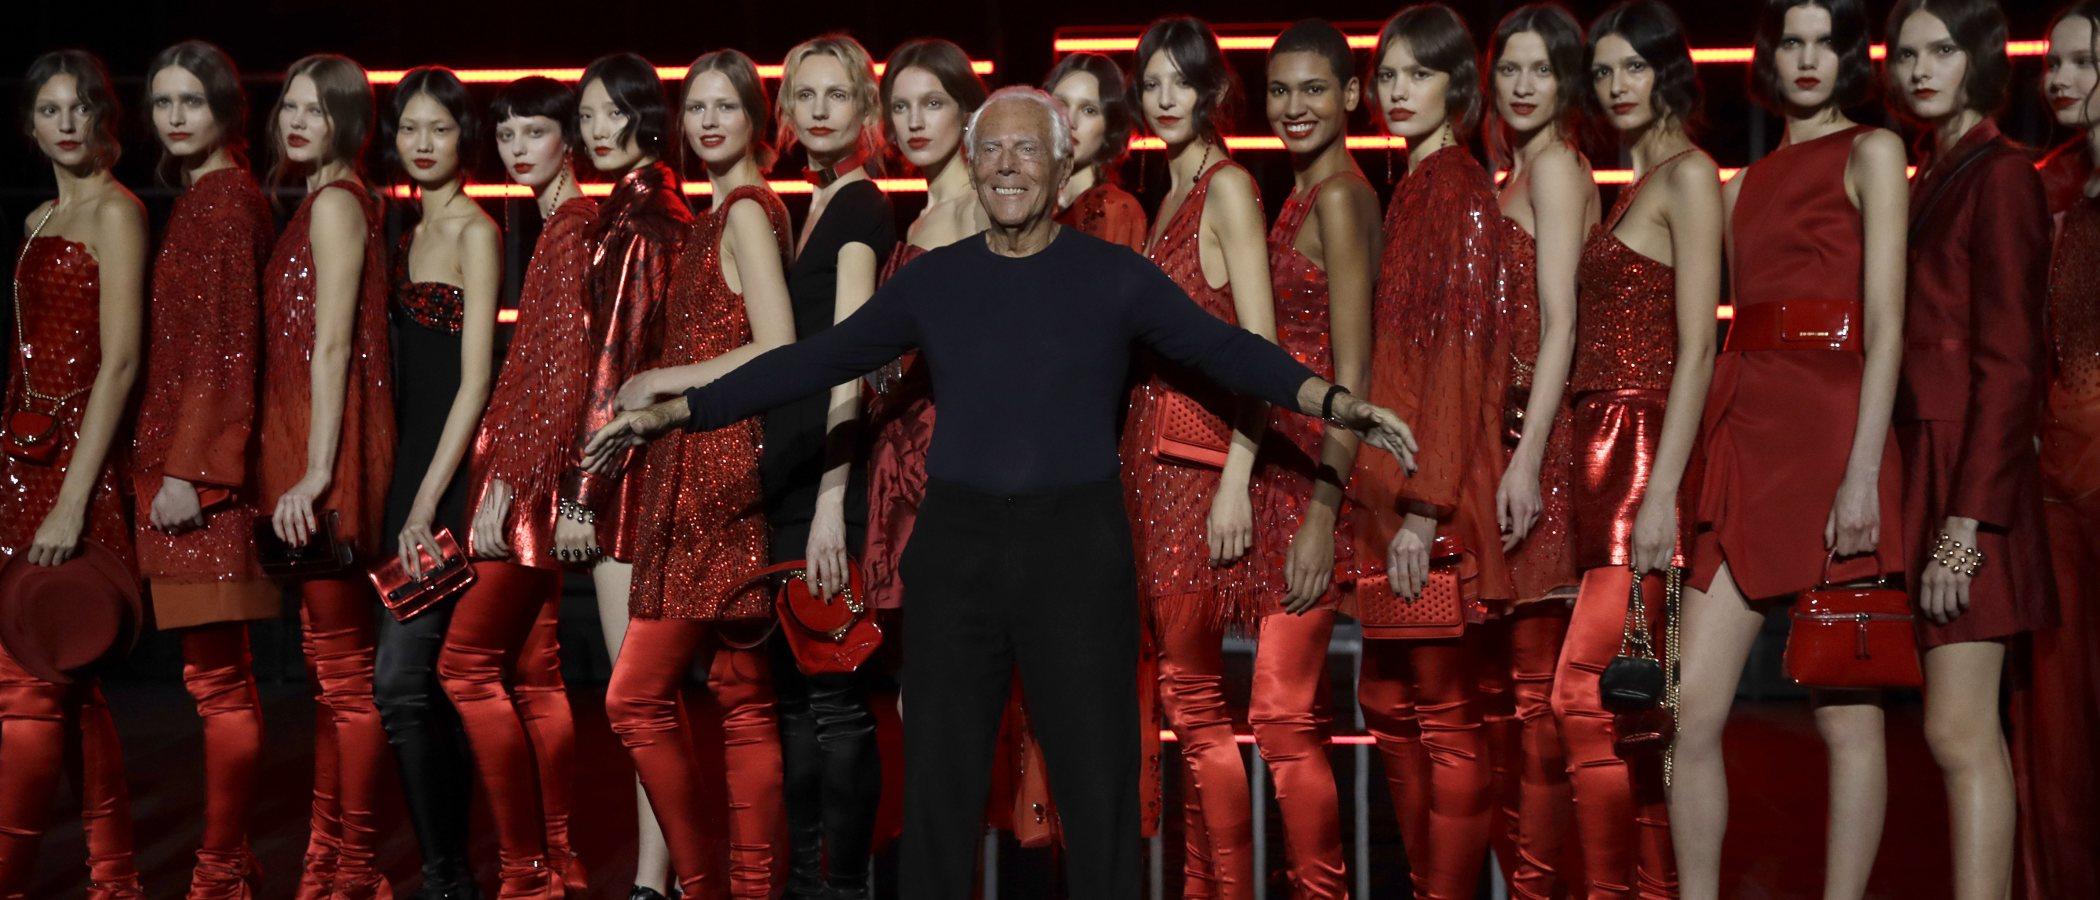 Armani vuelve a brillar por su elegancia con la colección otoño/invierno 2019/2020